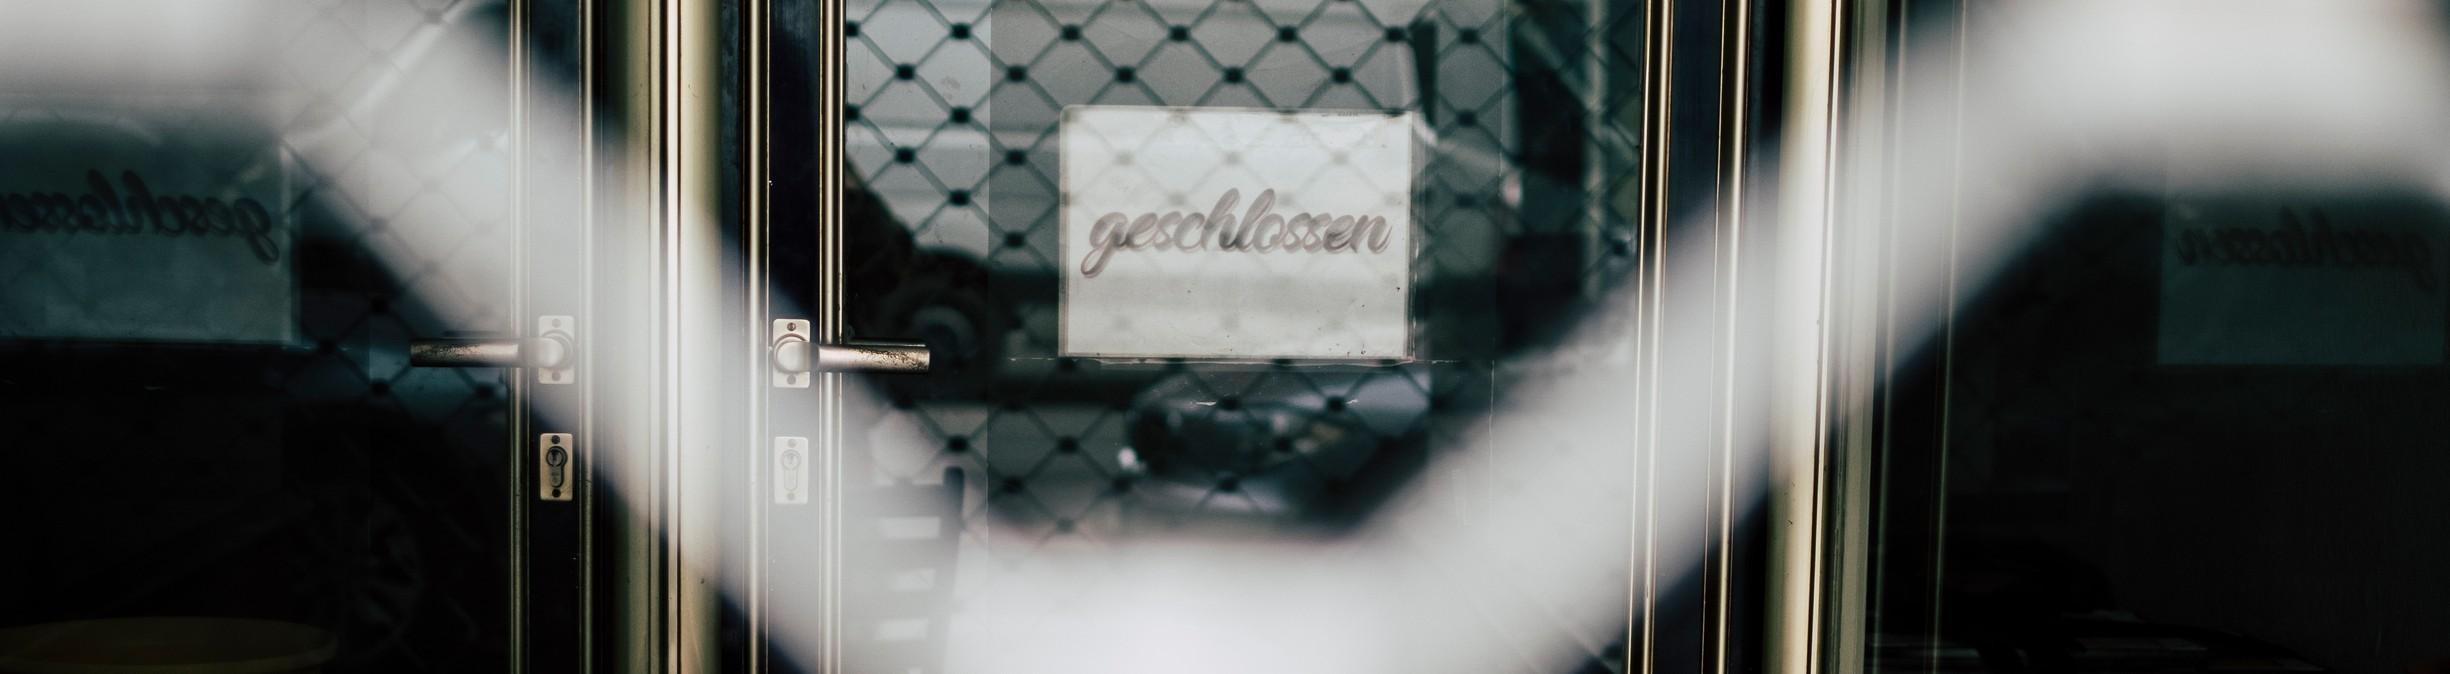 Ein geschlossenes Geschäft durch einen Zaun betrachtet.